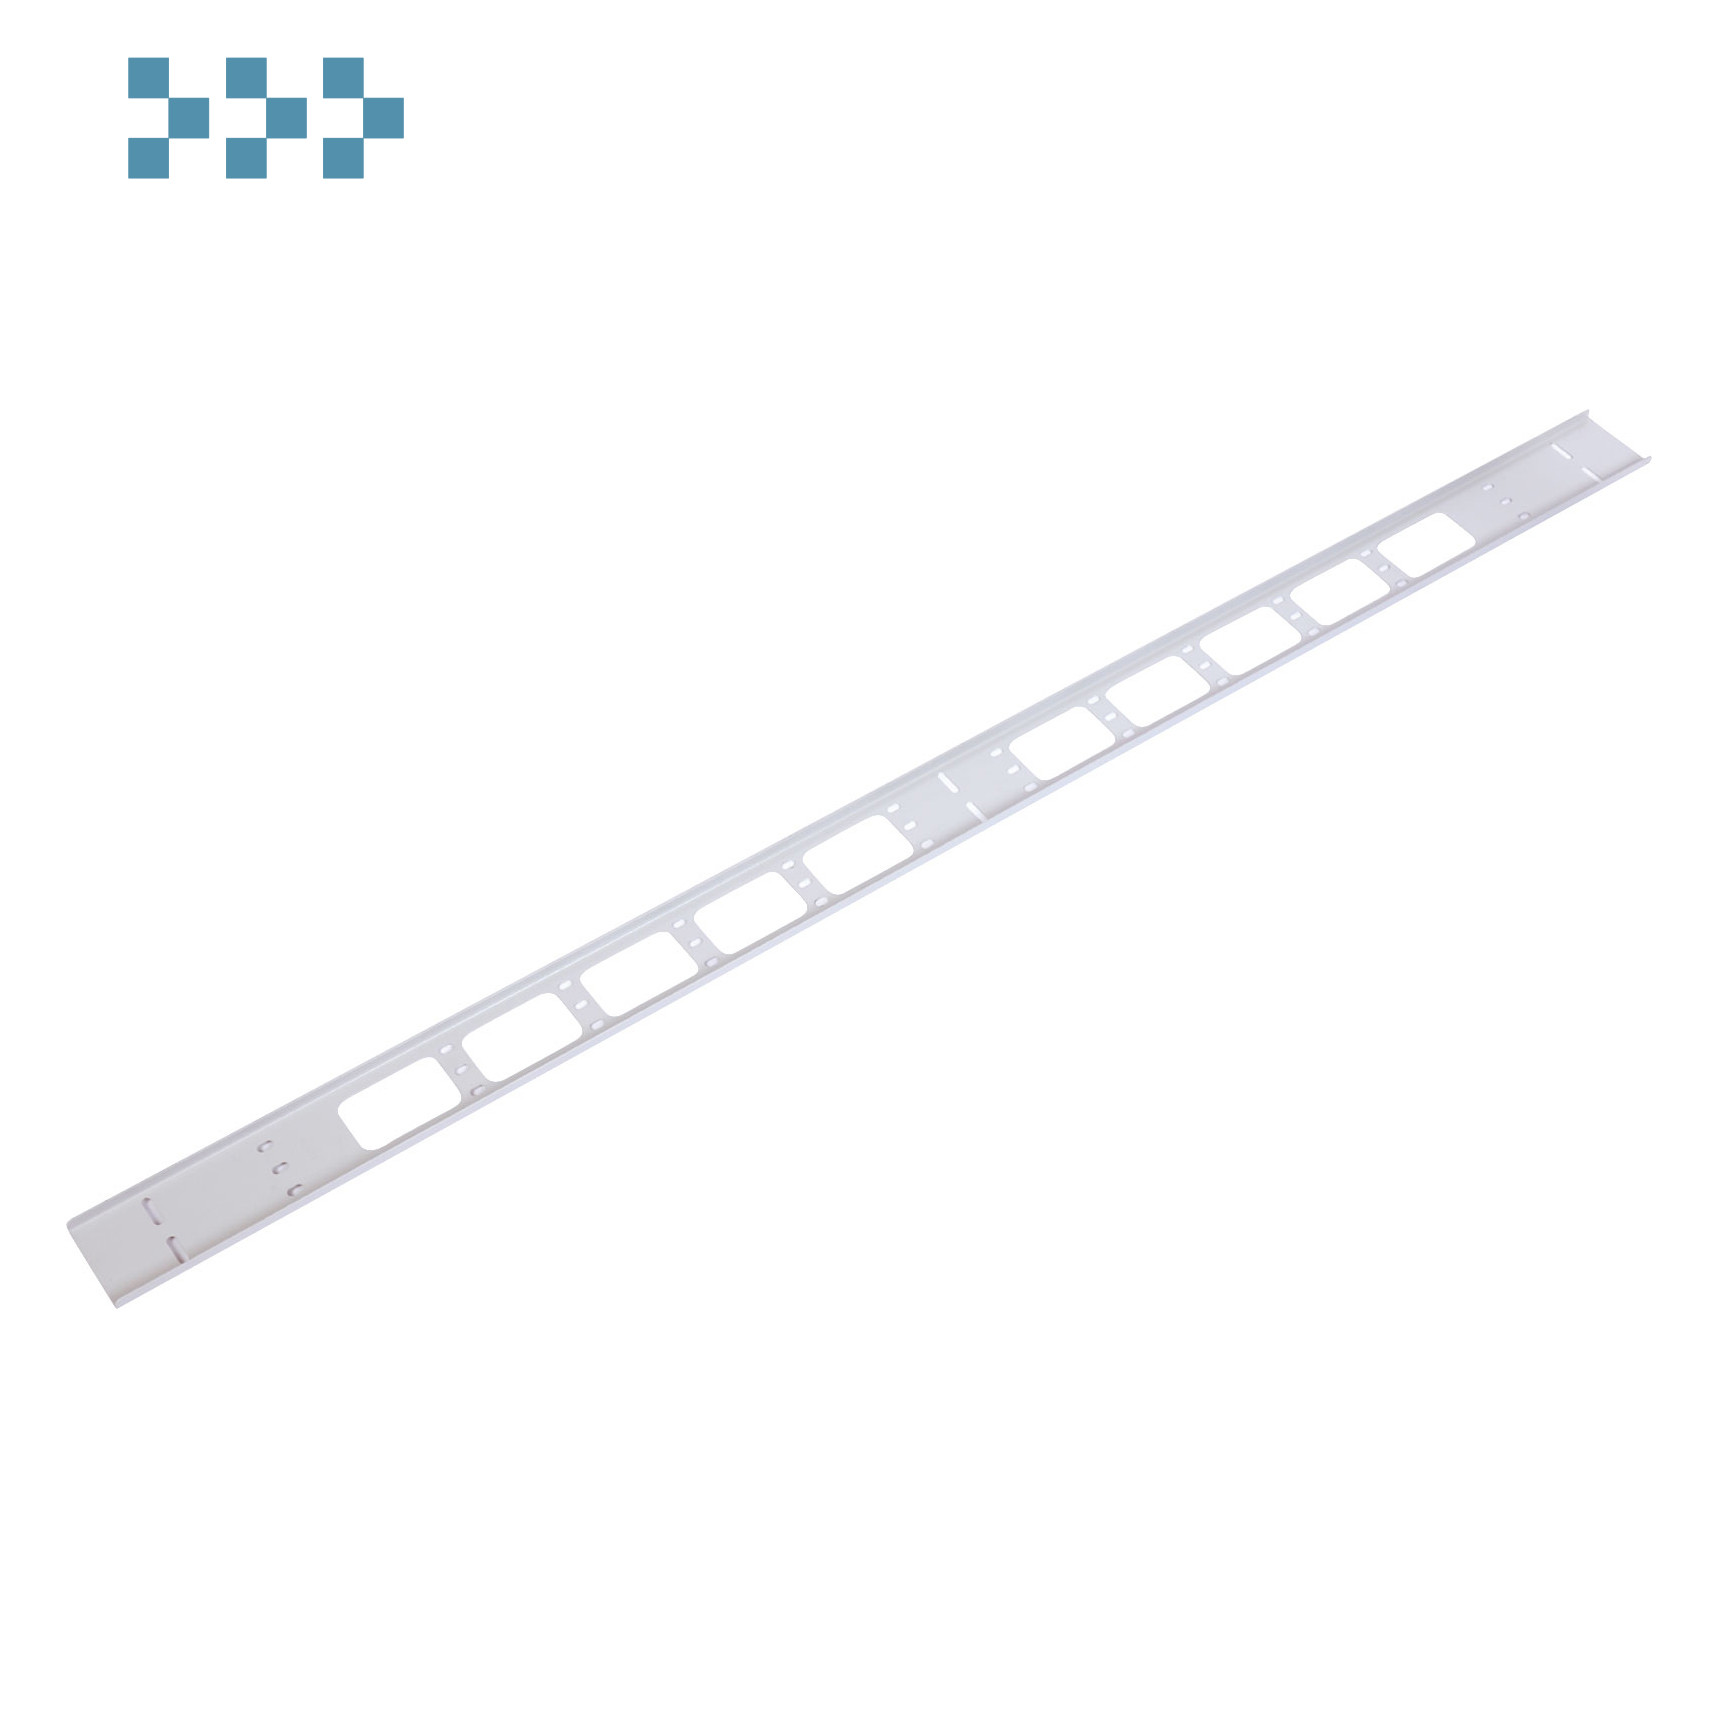 Органайзер кабельный ЦМО ВКО-М-42.75